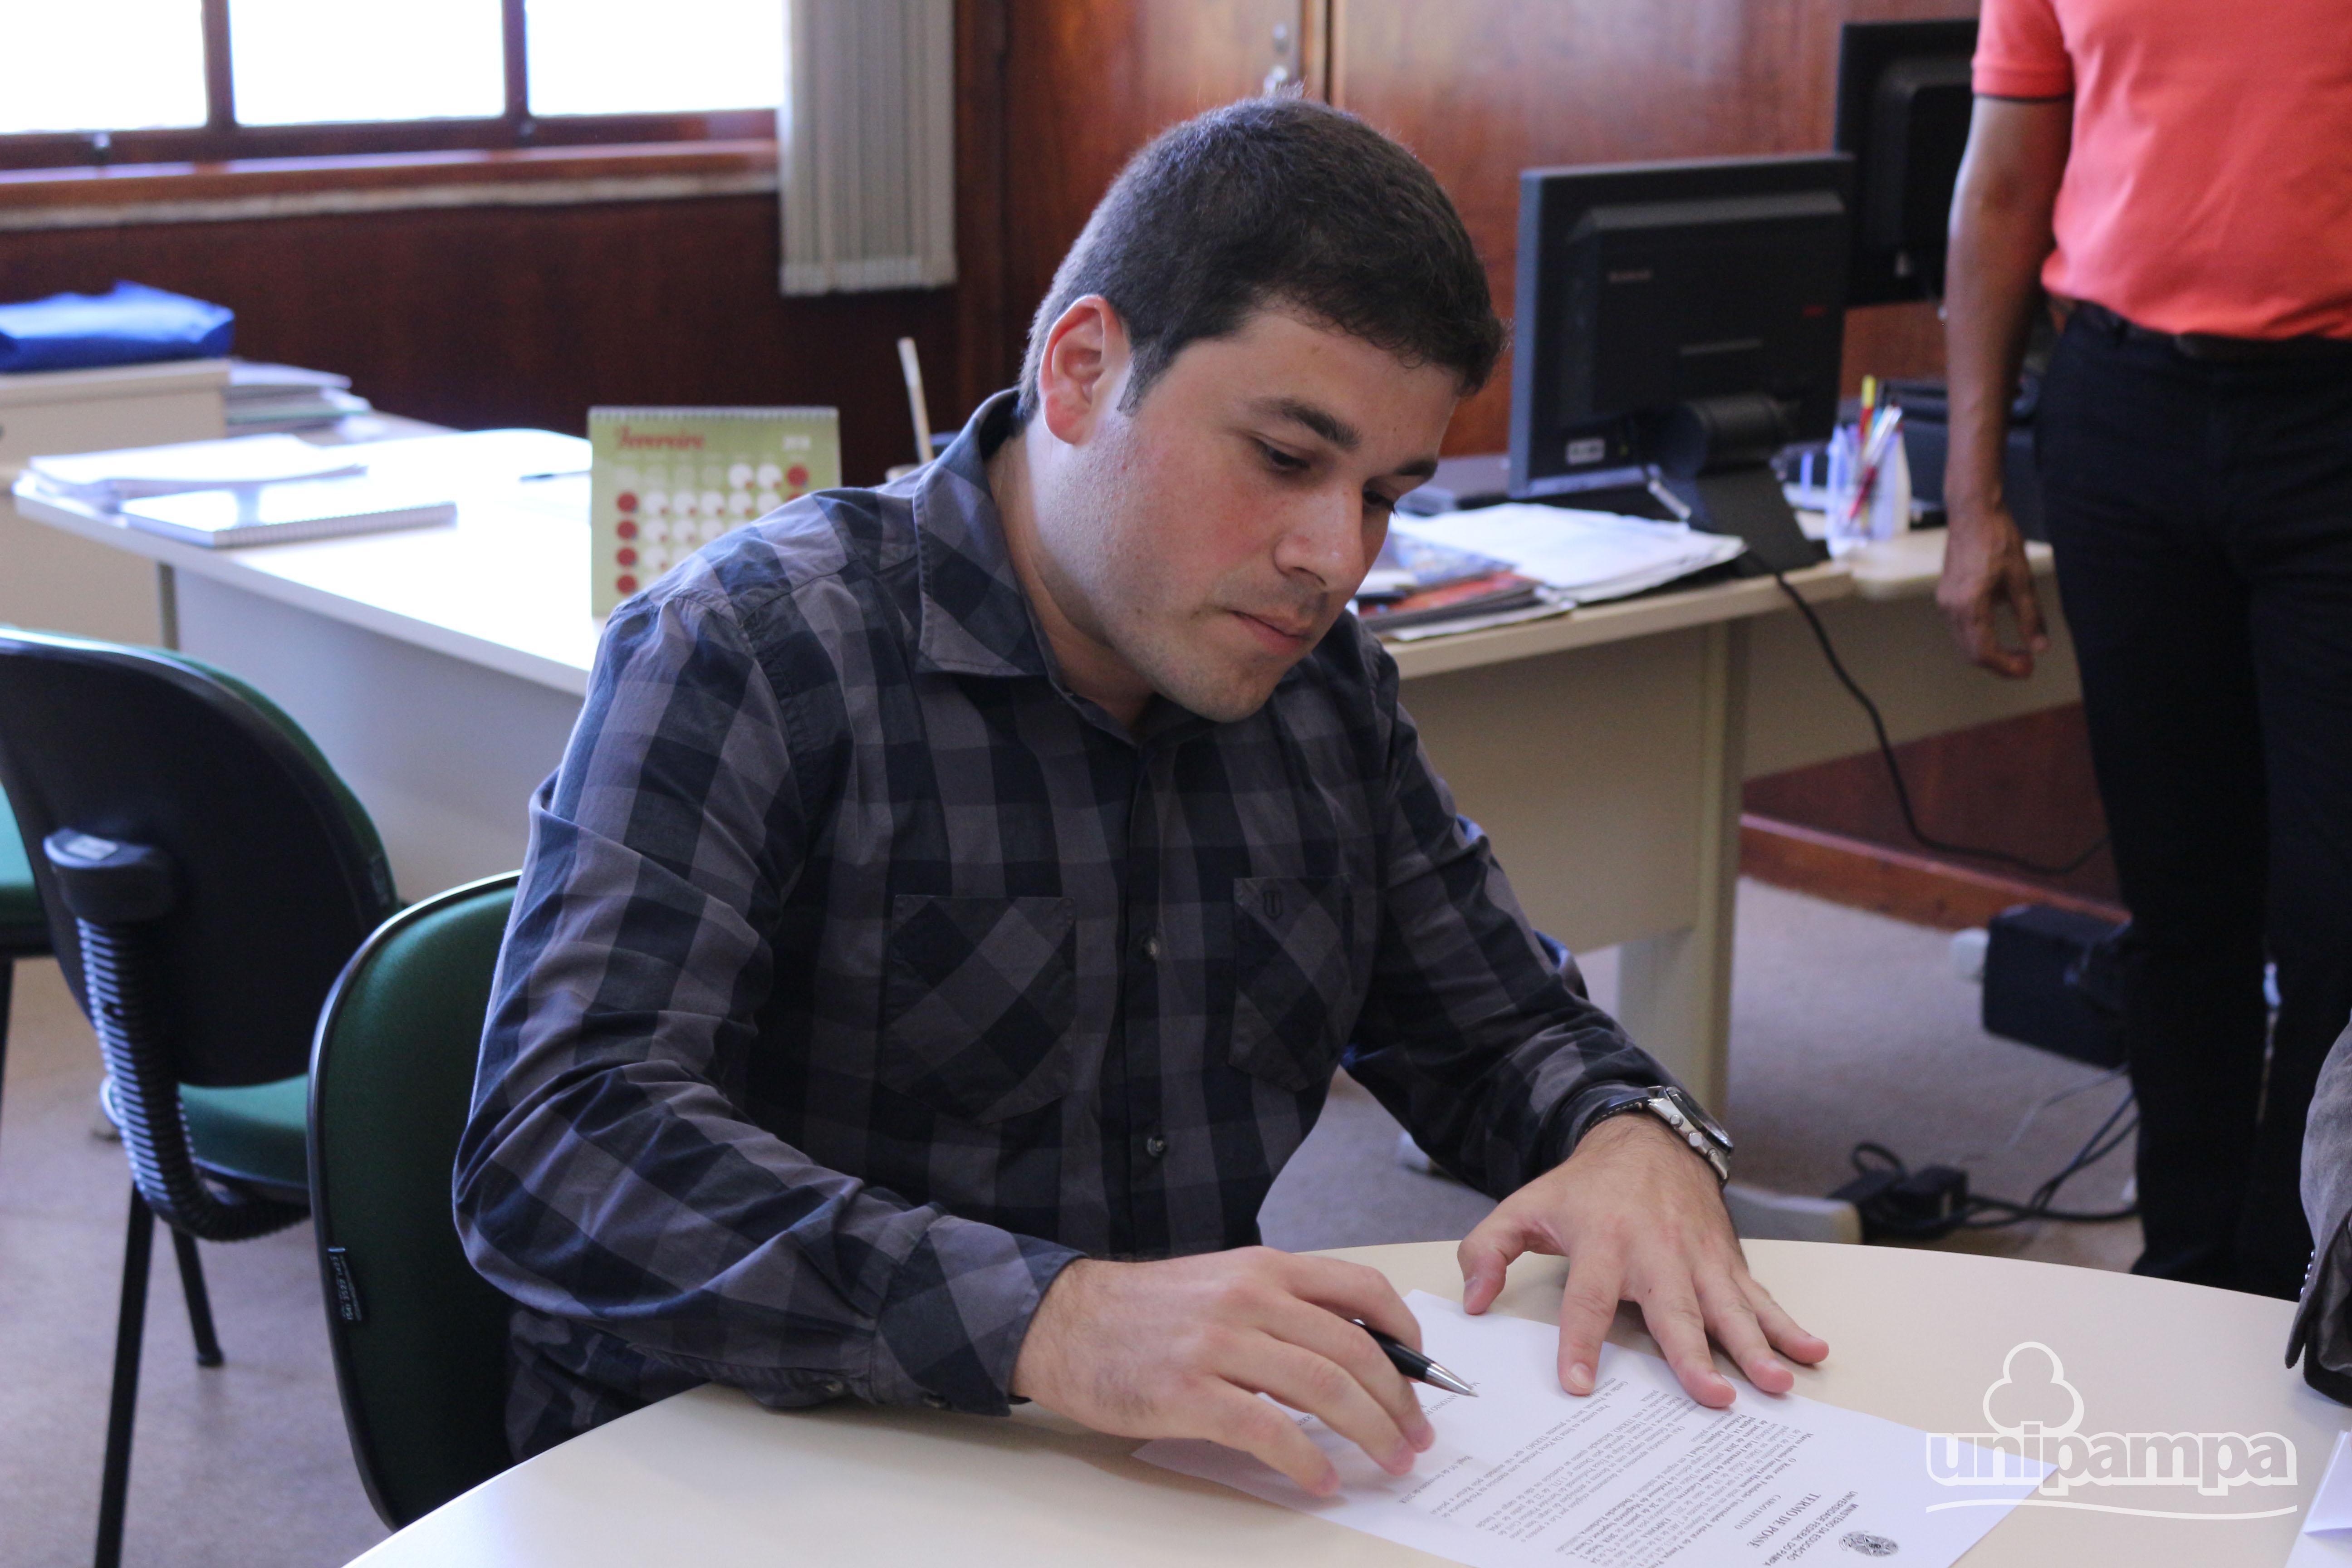 Homem jovem assinando uma folha branca sentada em uma cadeira e apoiada sobre a mesa. Veste camisa xadrez.